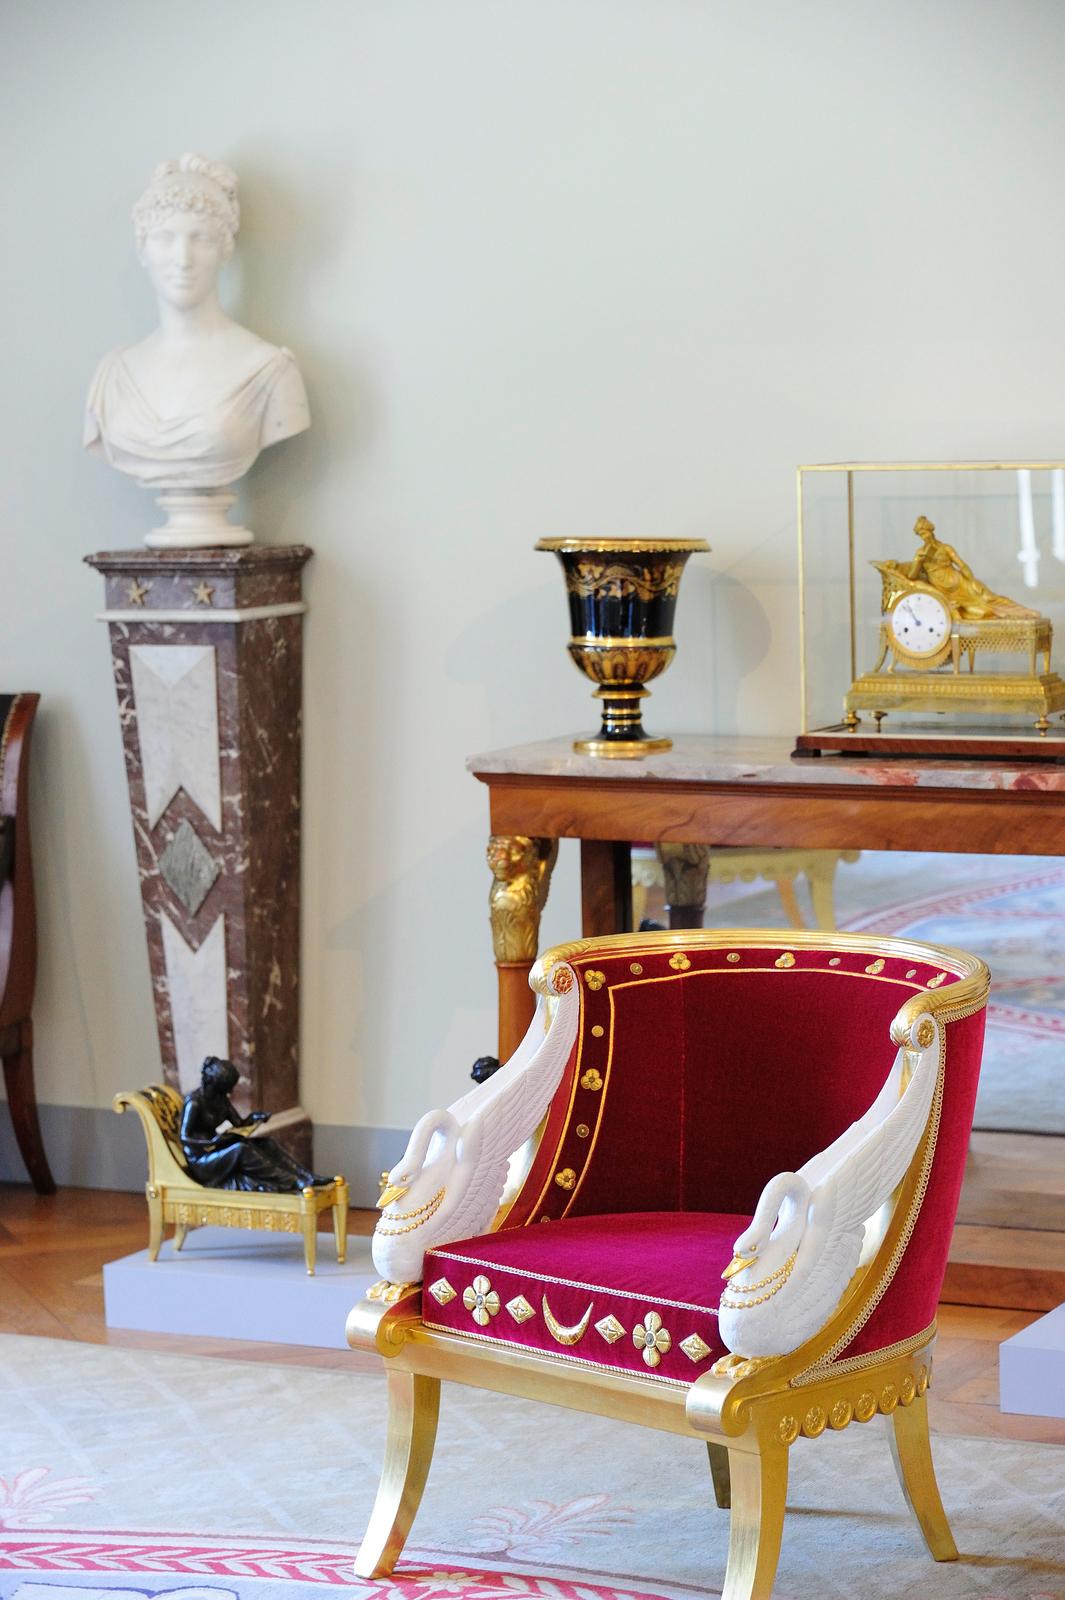 Château de Malmaison%252C détail du tableau Napoléon 1er en costume de sacre%252C peinture de Francois baron Gérard %252C Rueil-Malmaison. Château de Malmaison%252C La salle de la frise%252C Rueil-Malmaison.